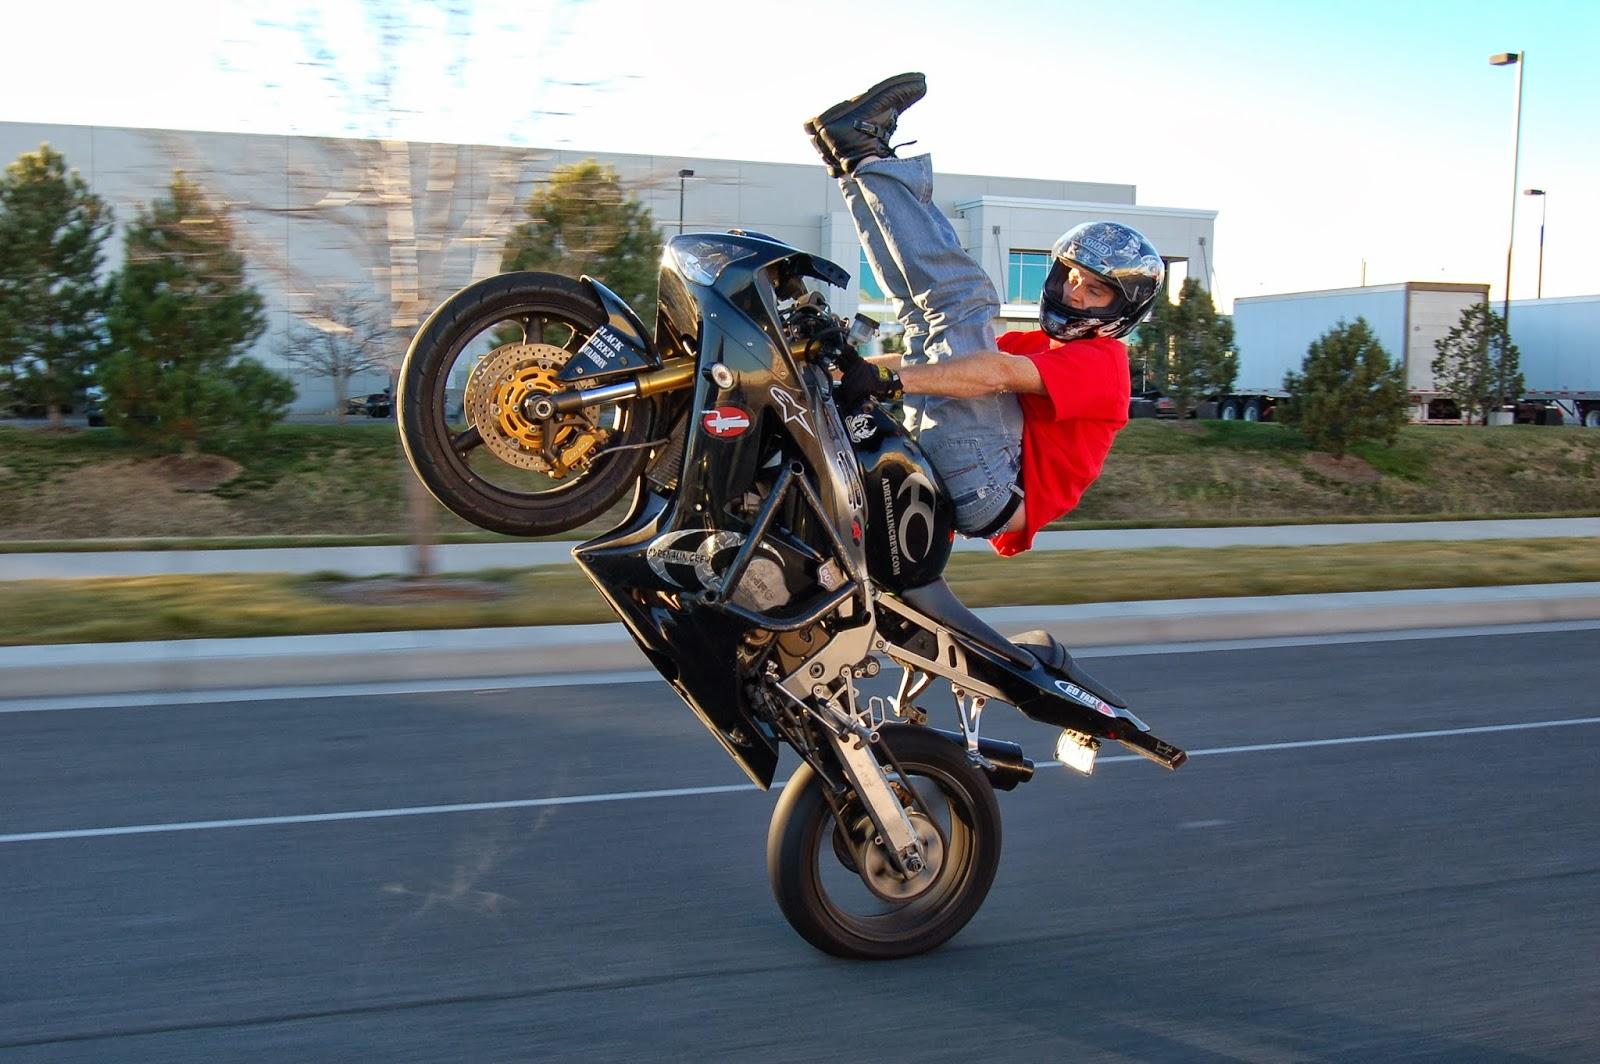 Kawasaki Zx 6r Stunt Custom Bikes